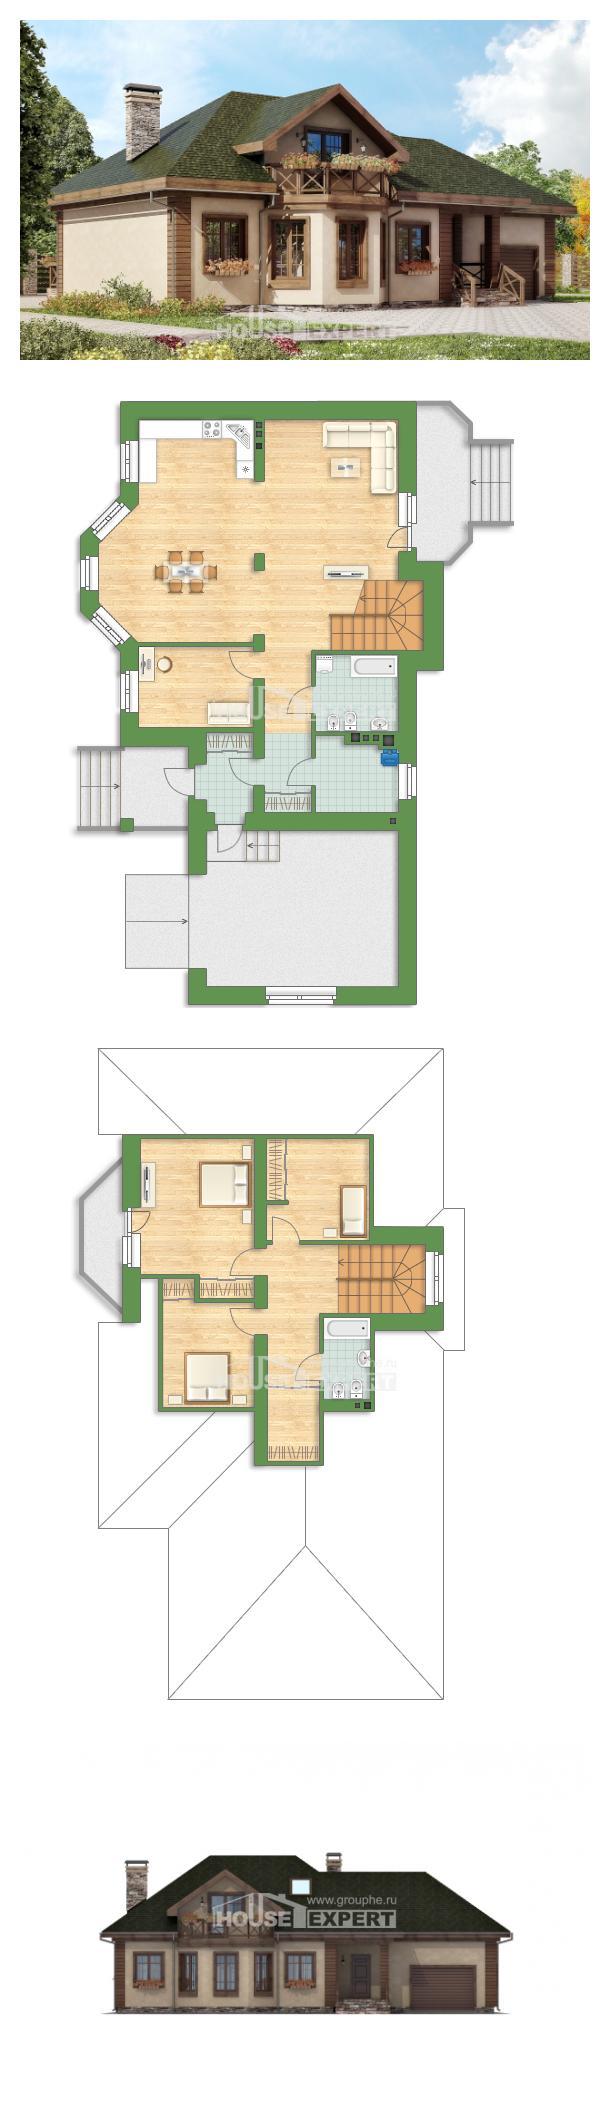 房子的设计 180-010-R | House Expert